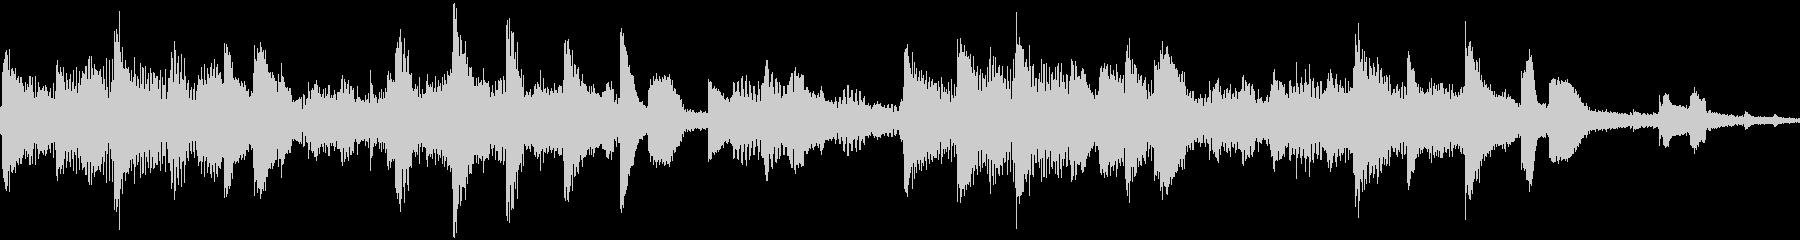 ループ マリンバとSEのエレクトロニカの未再生の波形